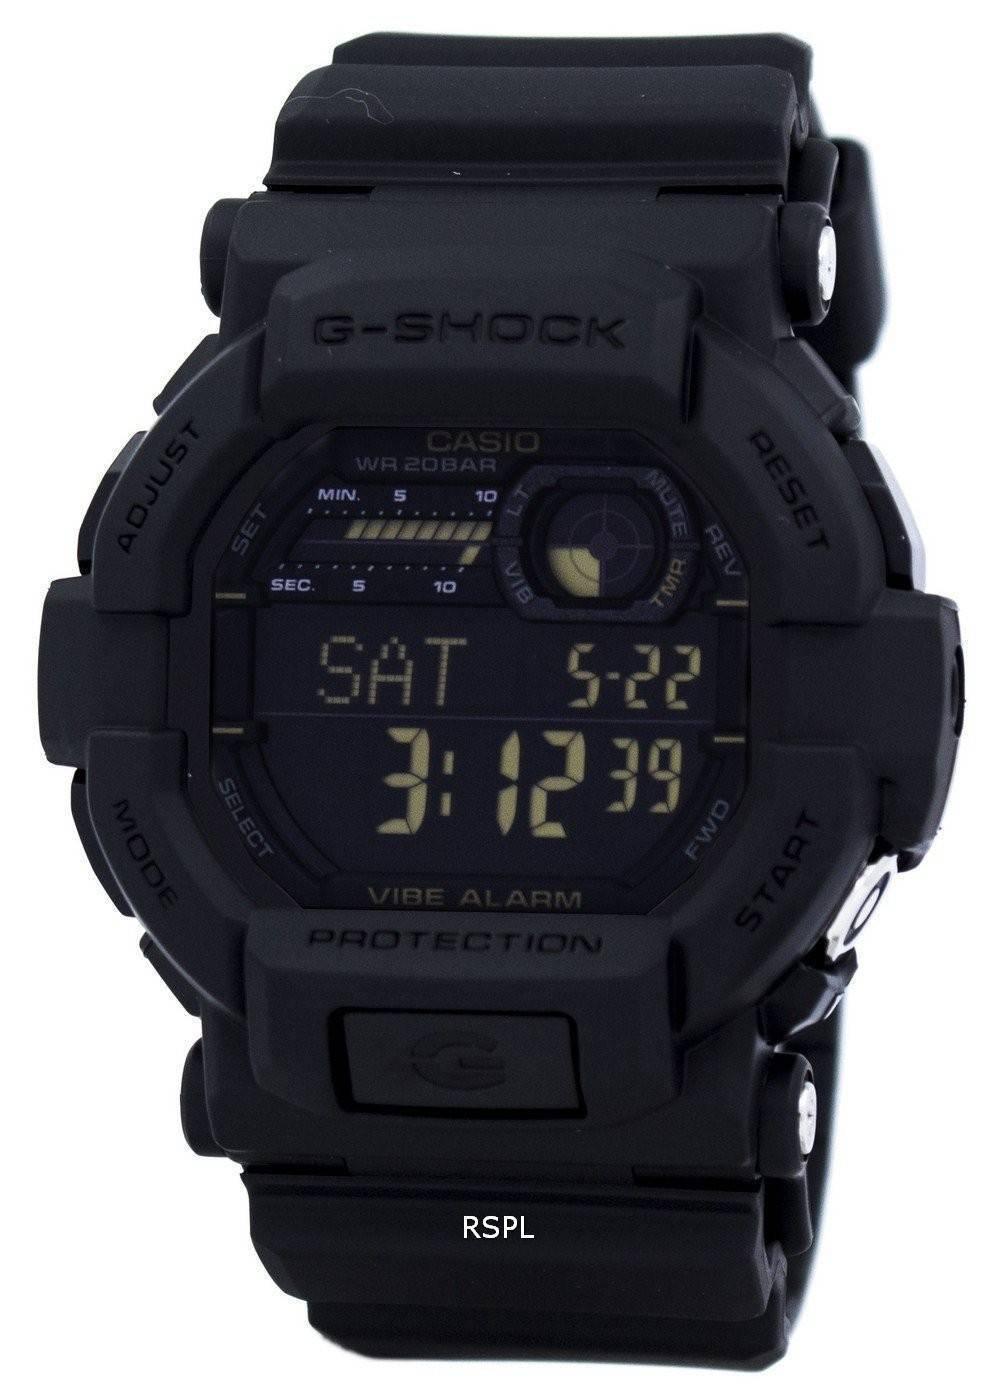 Montre Casio G Shock numérique GD 350 1 b masculin France  s2u1P